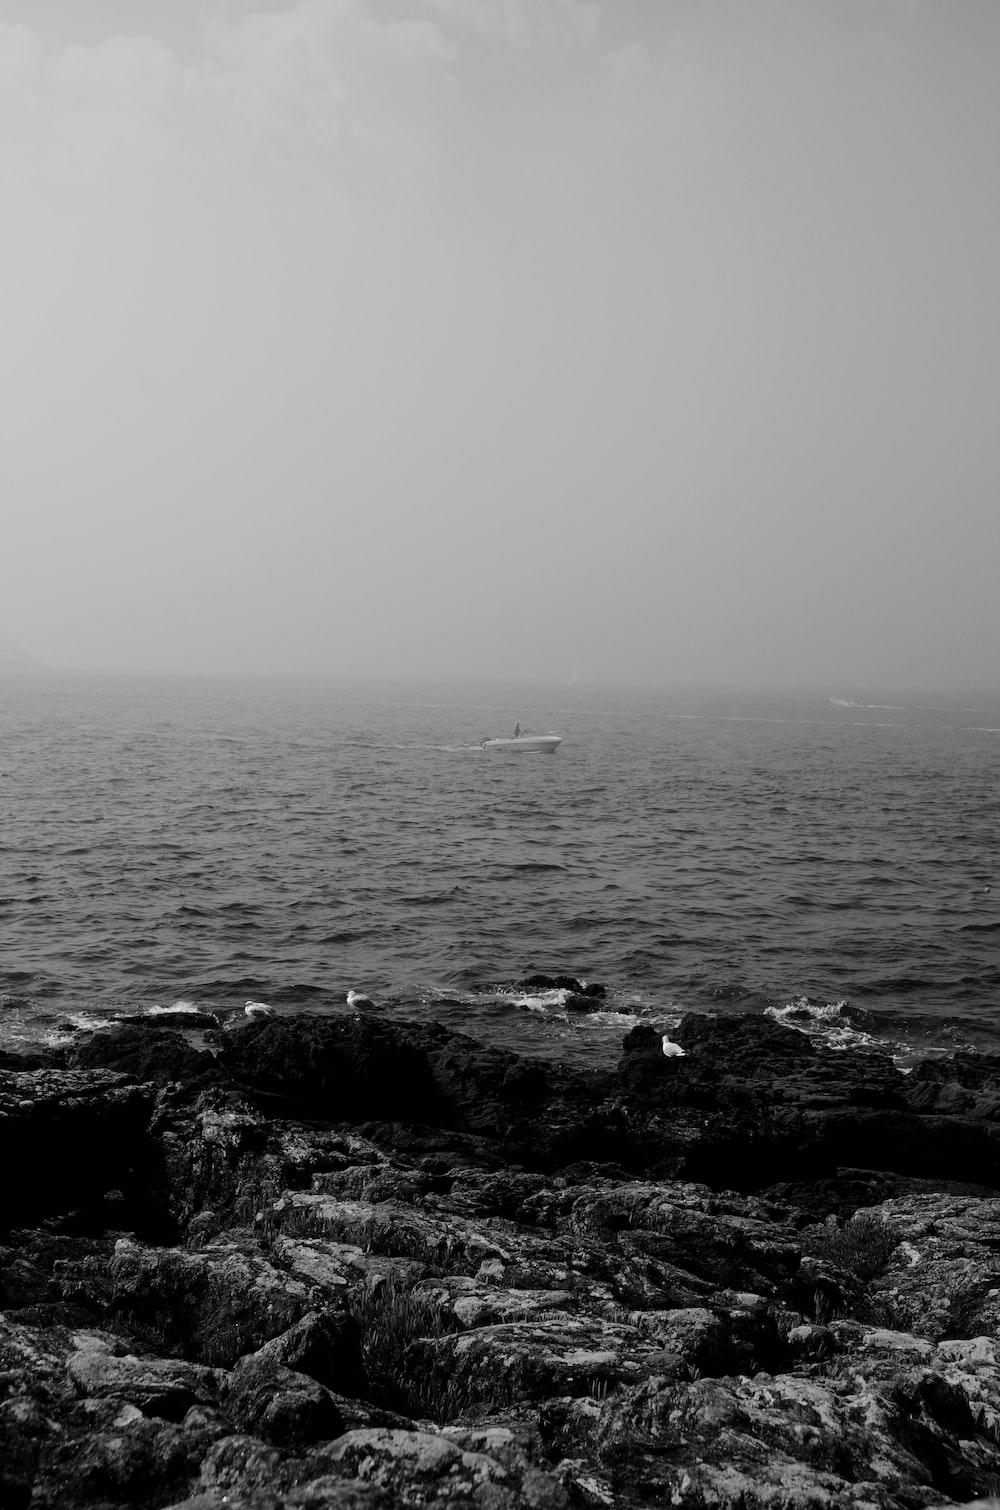 black rocks on body of water